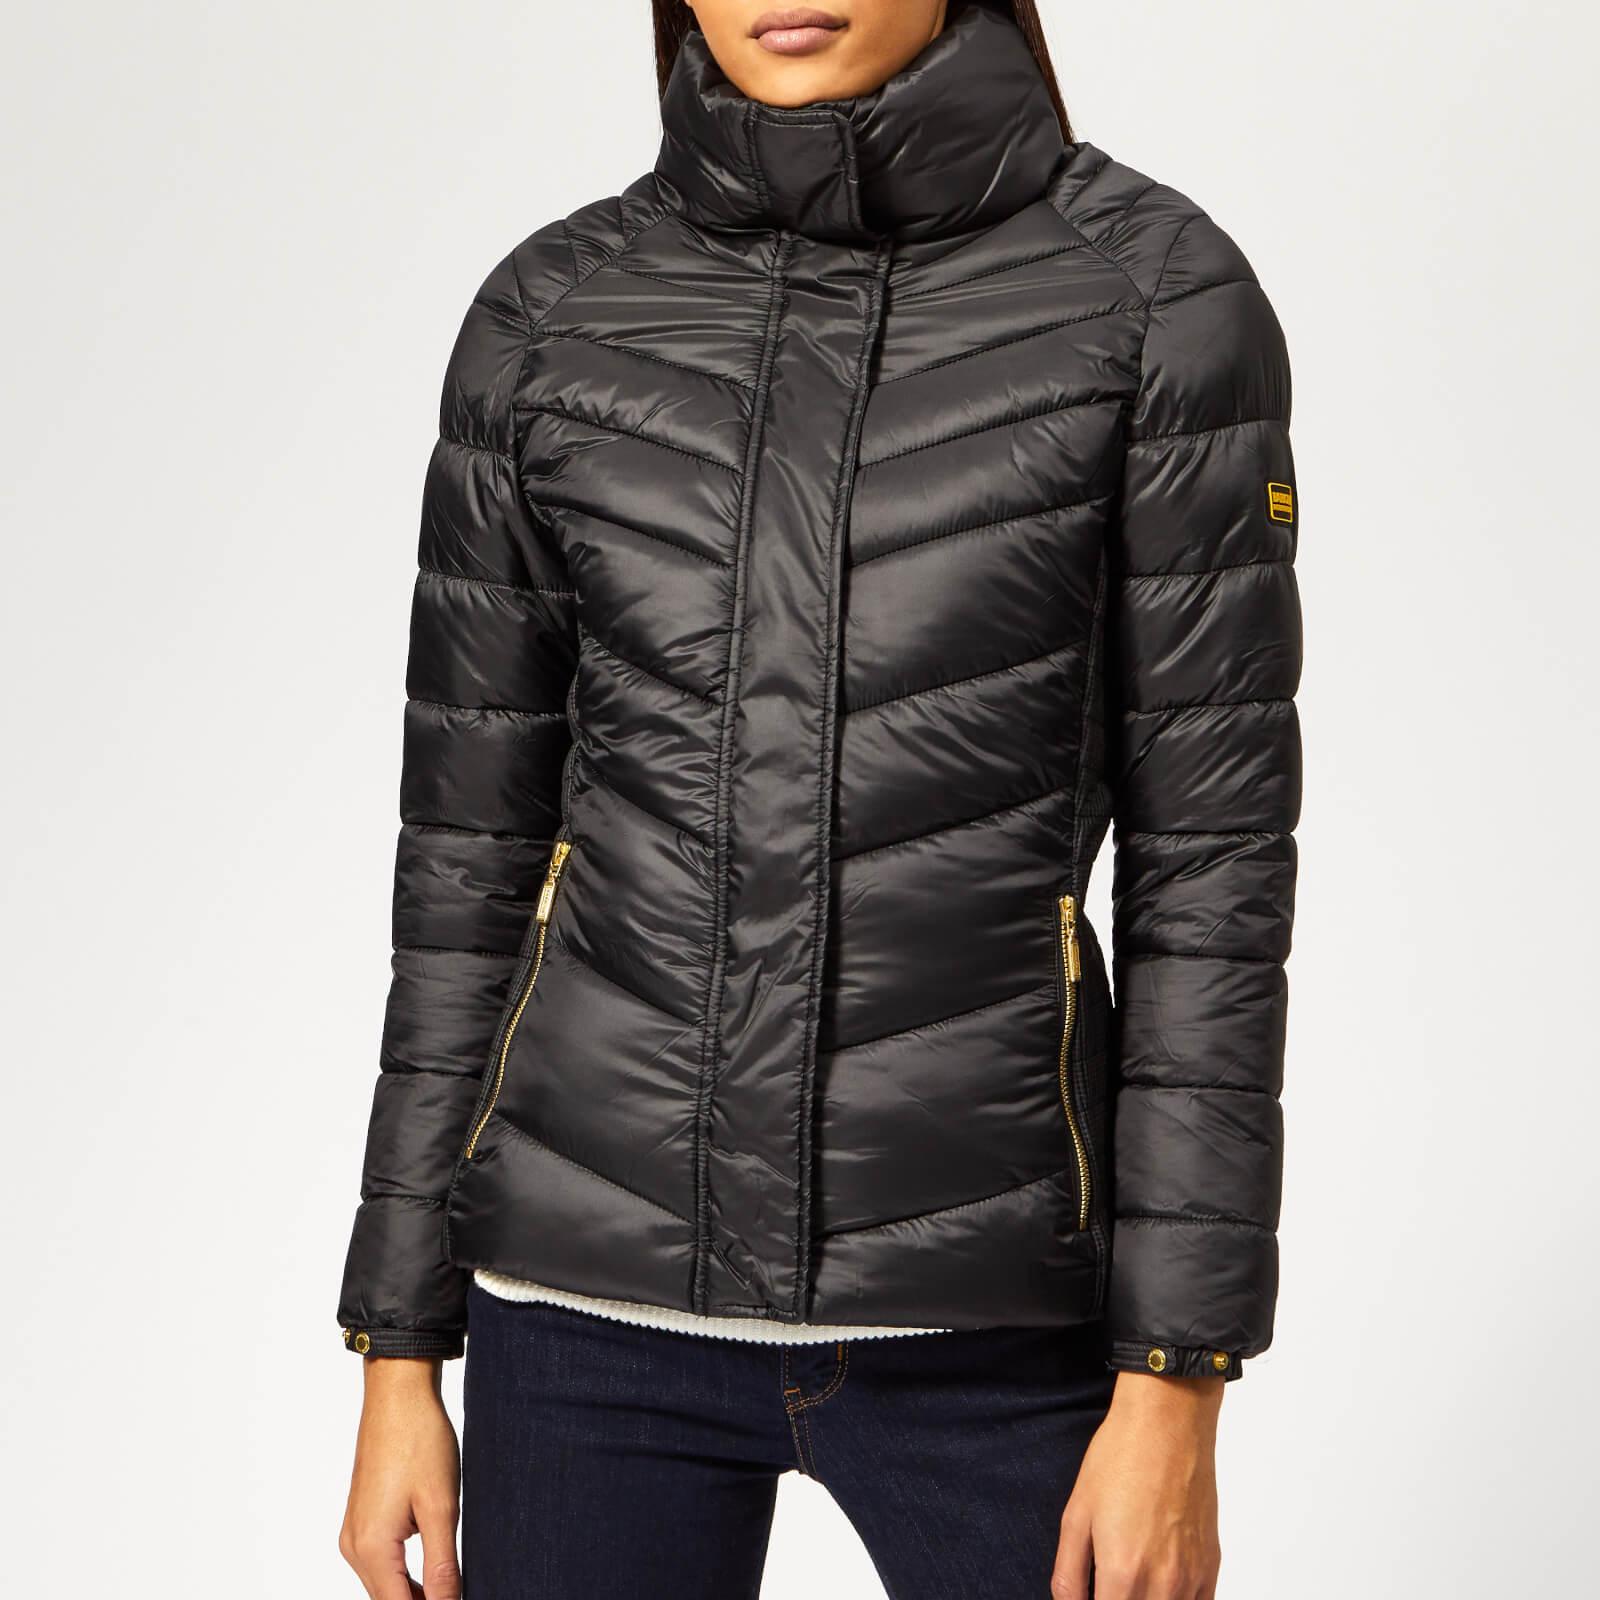 66d9e1af78f Barbour International Women s Camier Quilted Coat - Black - Free UK  Delivery over £50